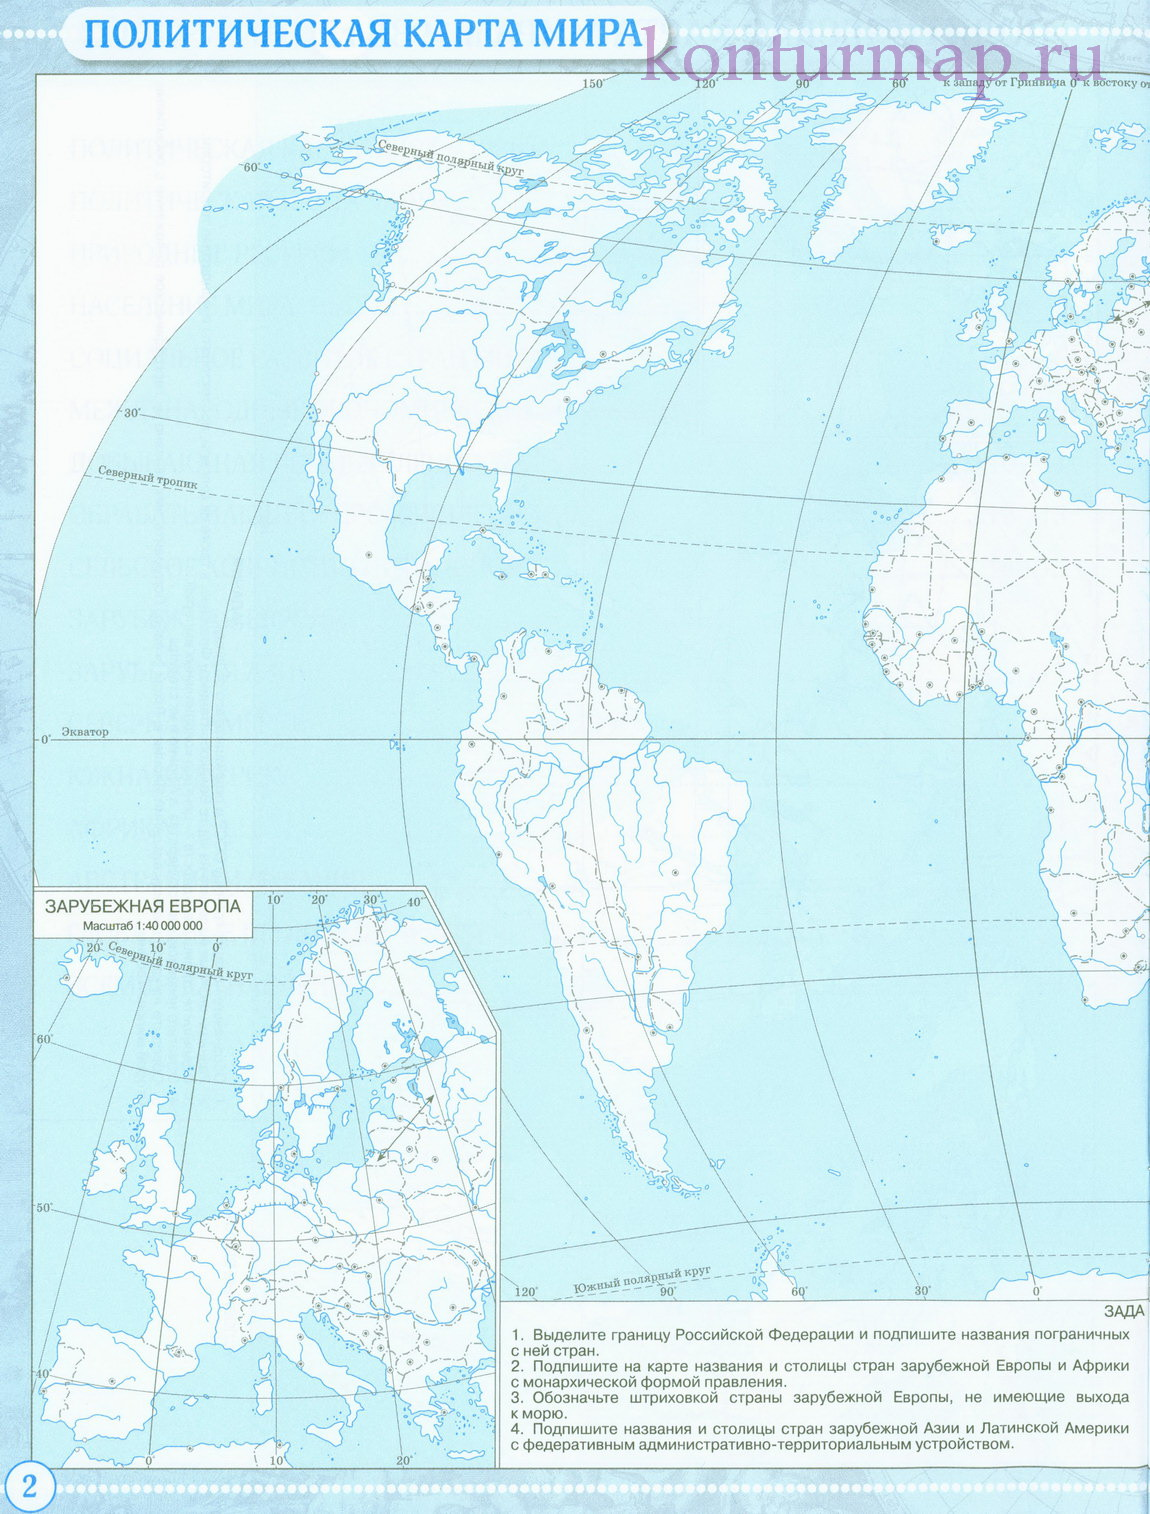 Контурная политическая карта мира скачать в безопасном режиме.